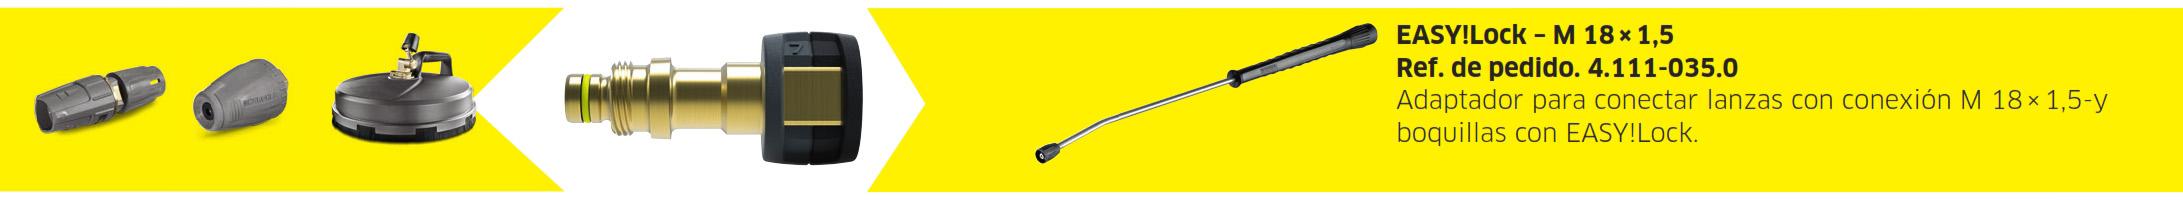 adaptador 7 - Adaptador 7 - De EASY!Lock a Terminación roscada M 18 x 1,5